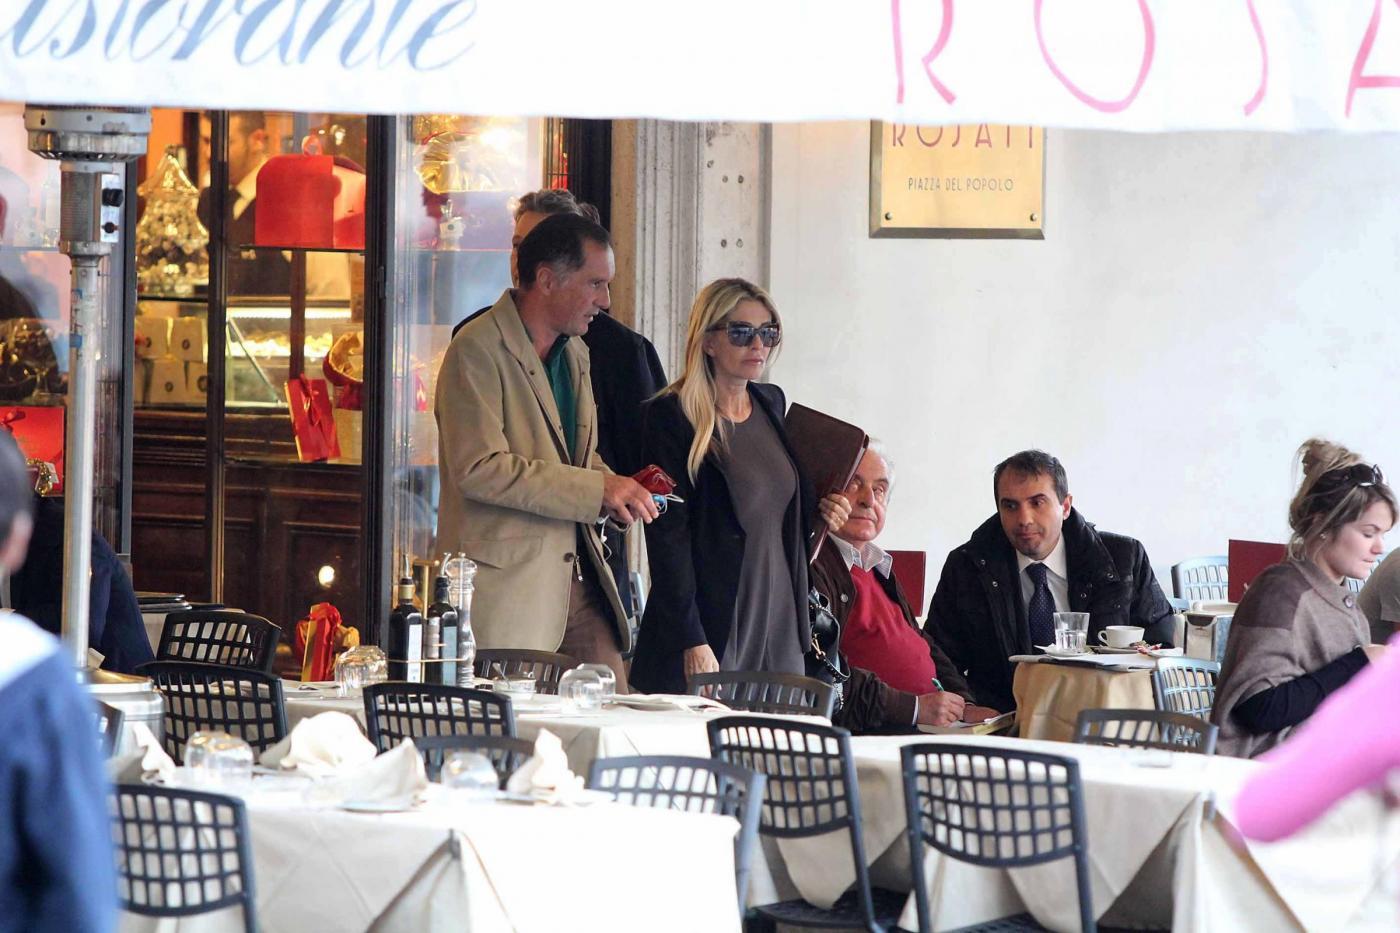 Roma, Paola Ferrari con amico04